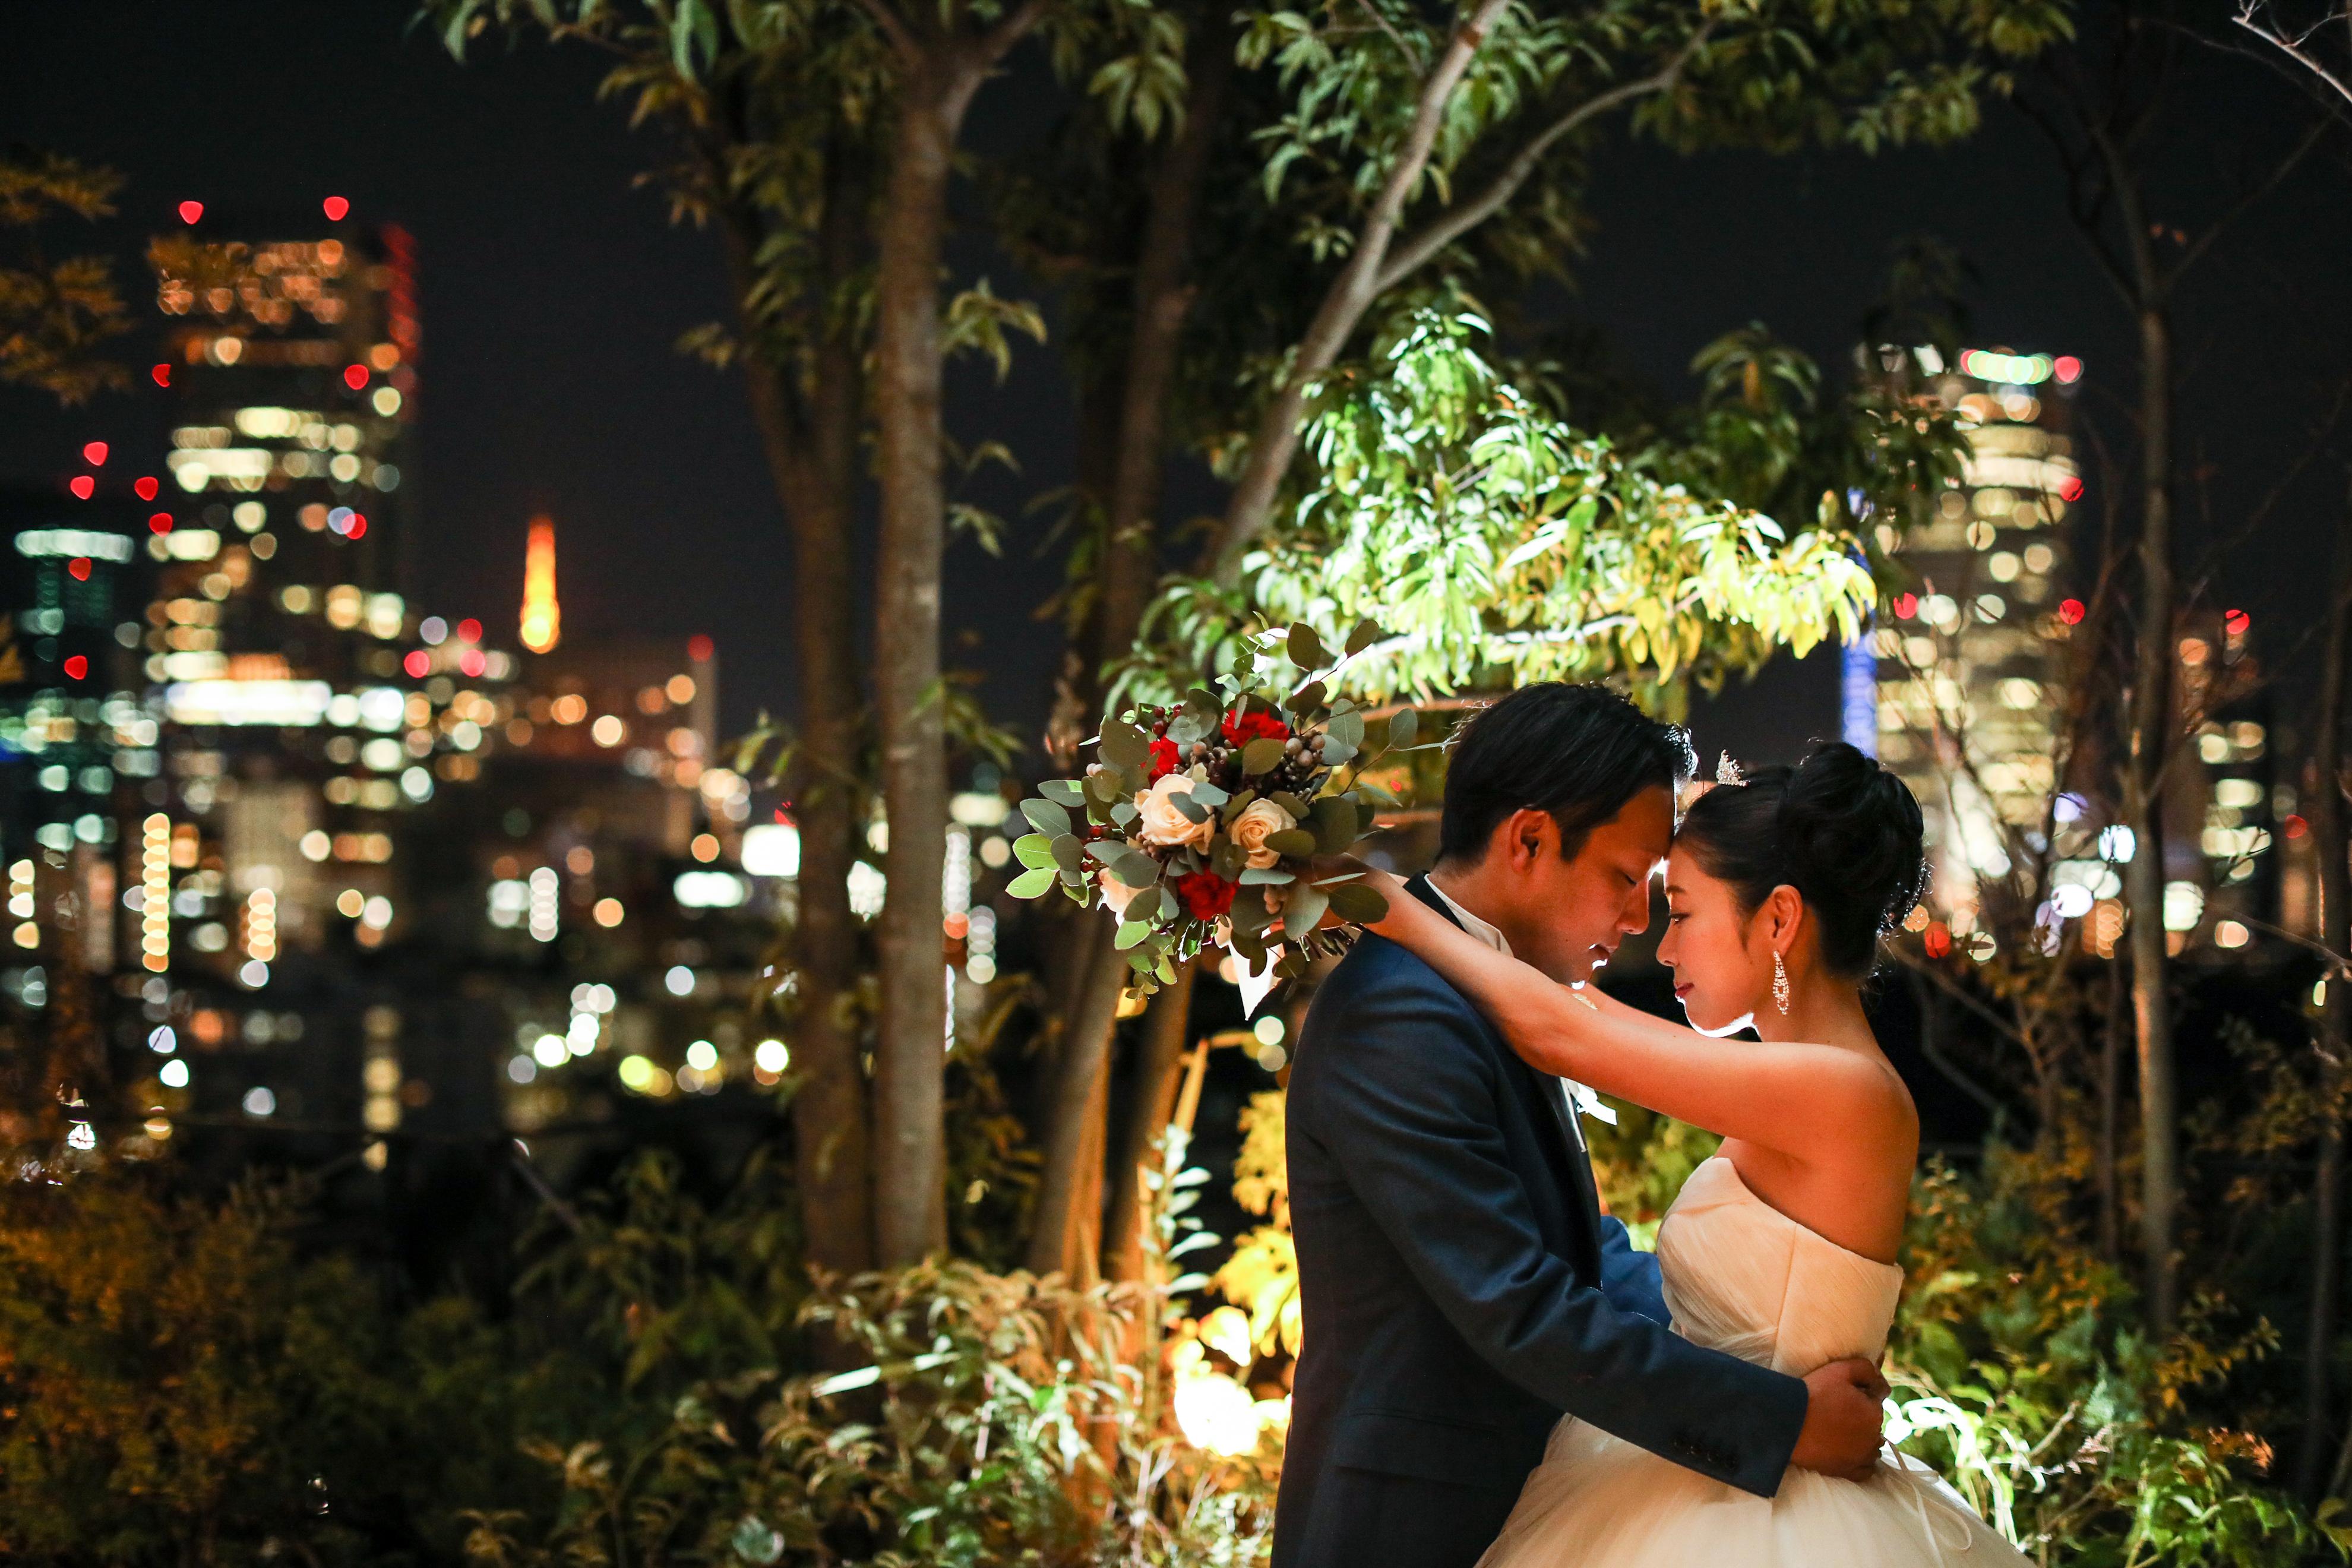 ケアンズ挙式後、クリスマスカラーを取り入れたパーティーを「葉山庵Tokyo」で